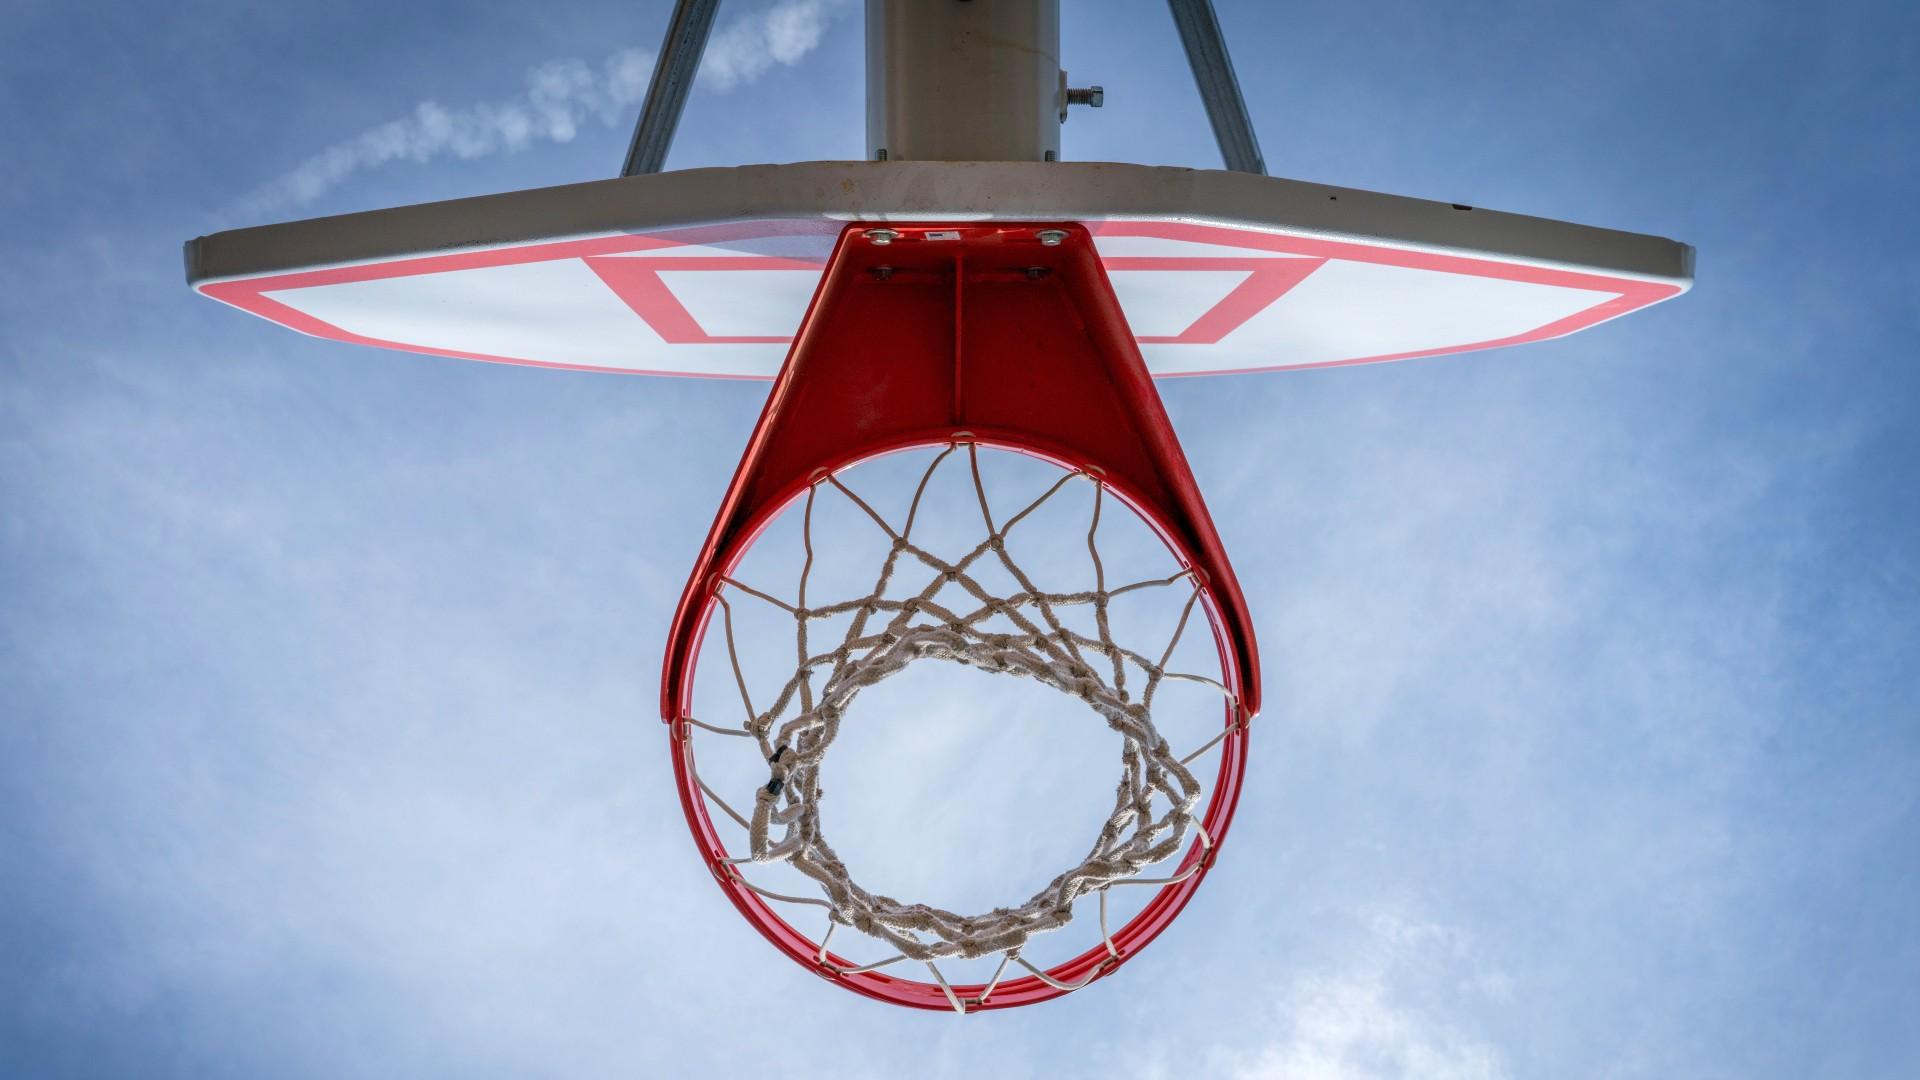 【きょうのスポーツ】プレーオフ準決勝開催!ハーデン負傷のネッツはバックスと激突|NBA